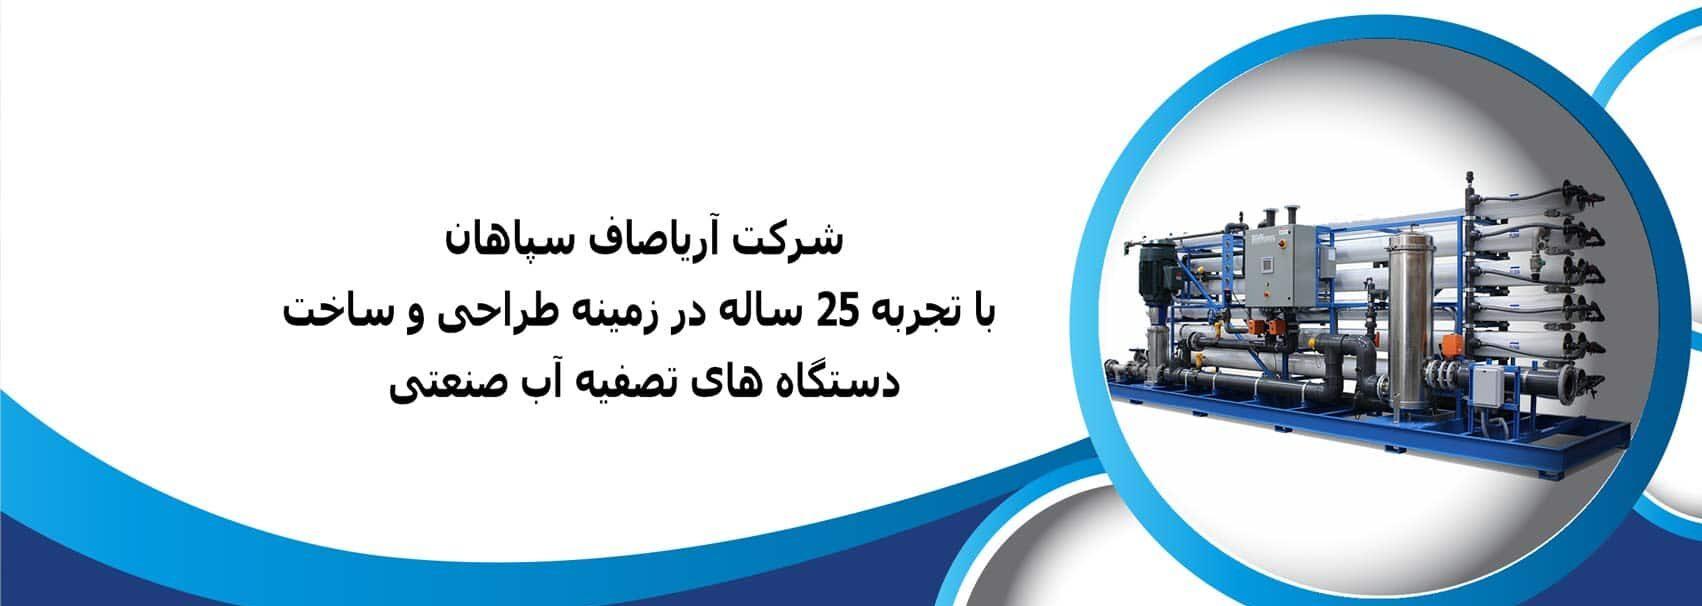 دستگاه تصفیه آب صنعتی Ro